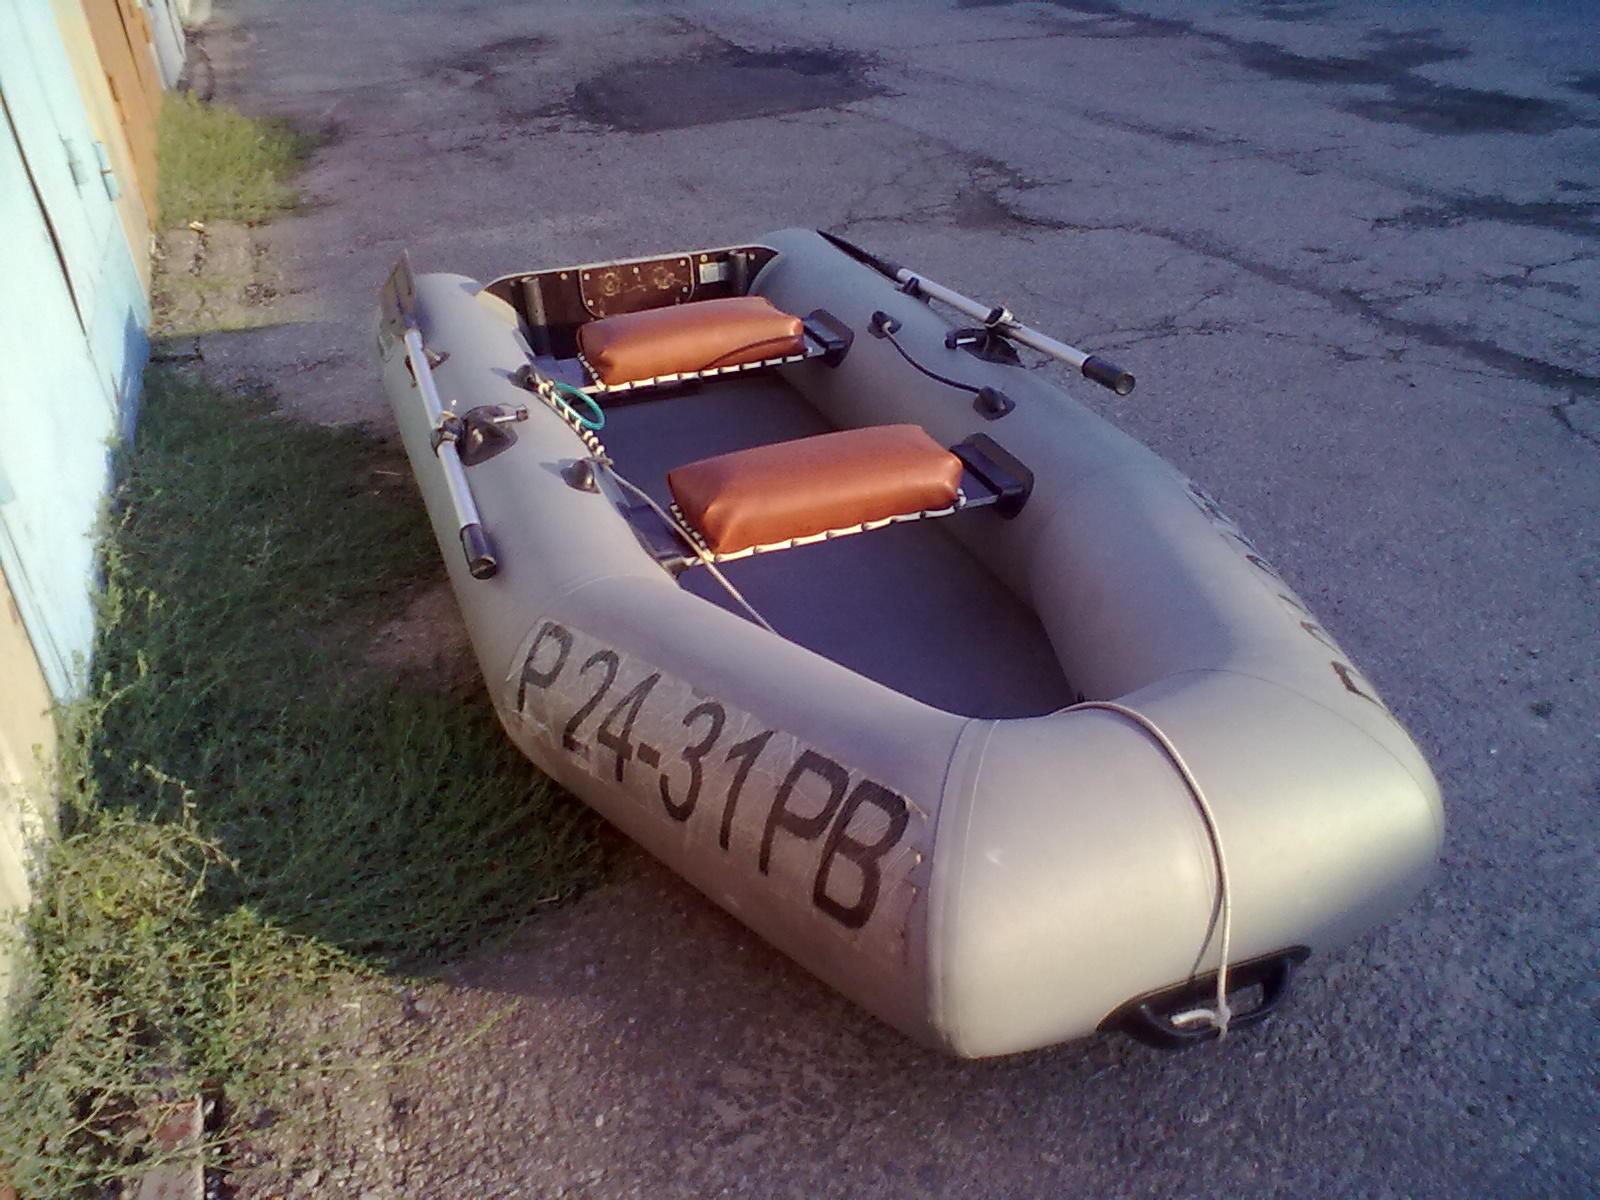 Надежность и качество: куплю лодку бу недорого в томске